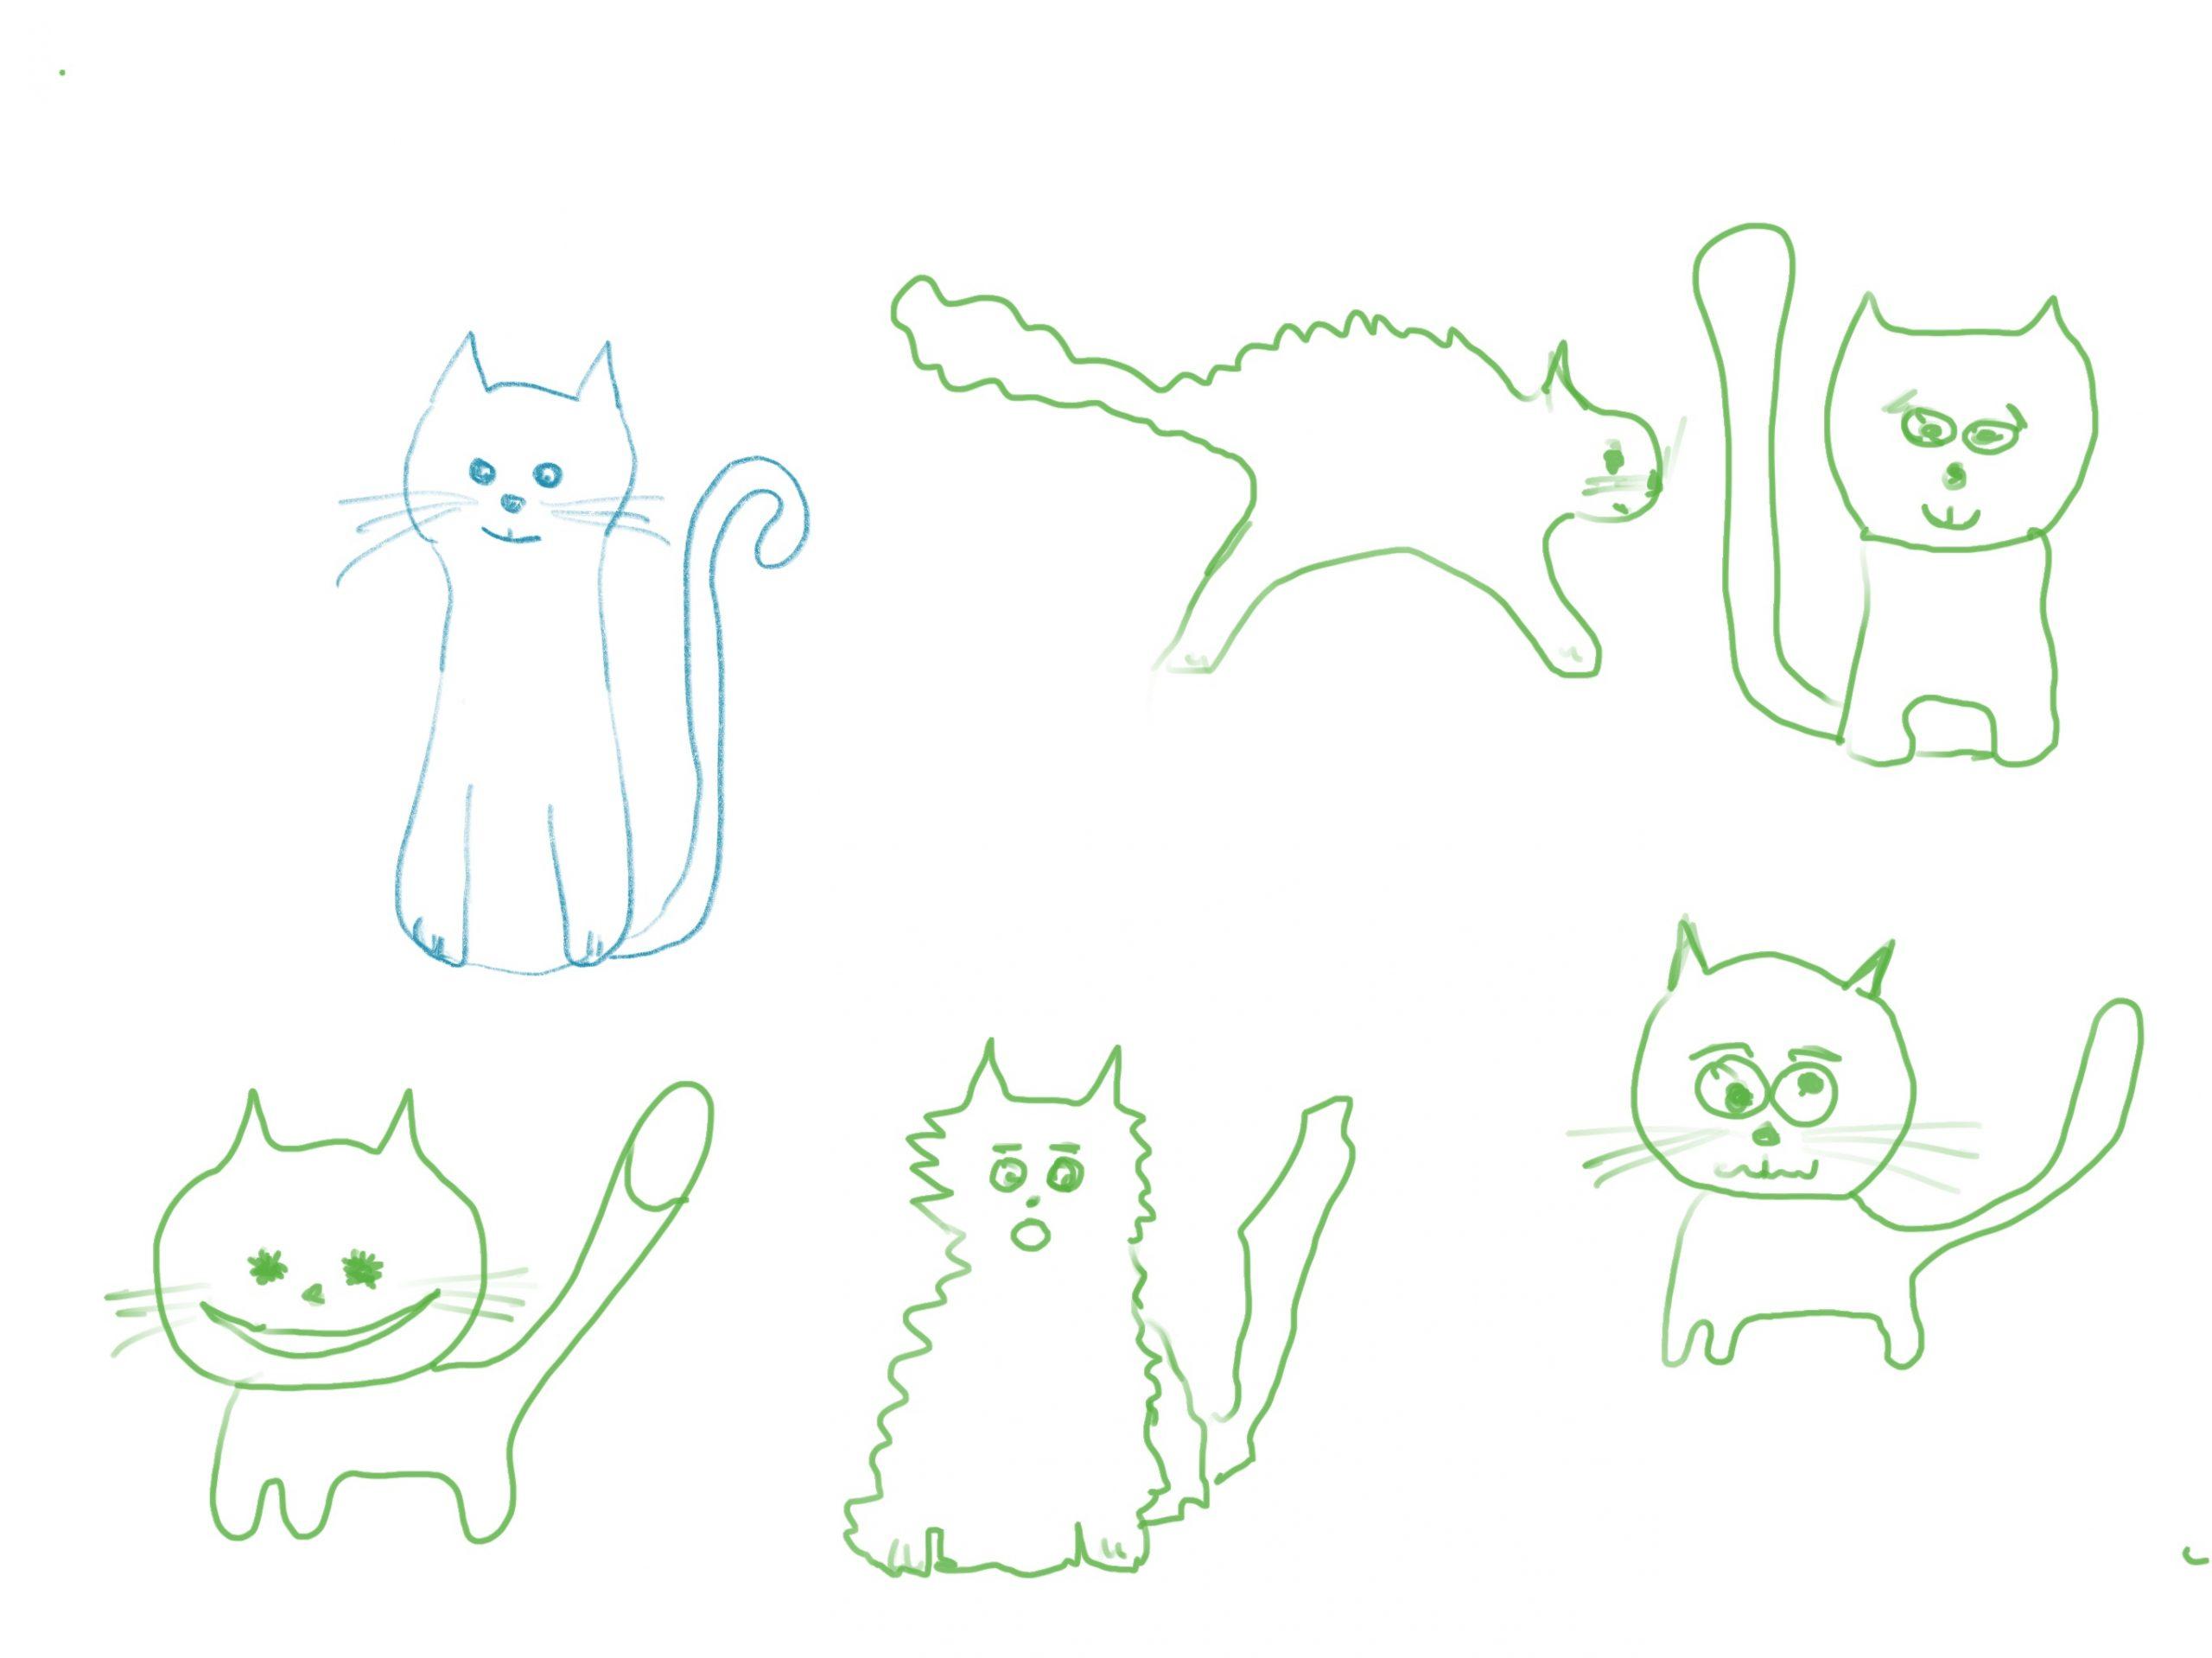 Katzen Malen Leicht Gemacht – Ideen Für Kinder Und Anfänger ganzes Malen Für Kindern Kostenlos